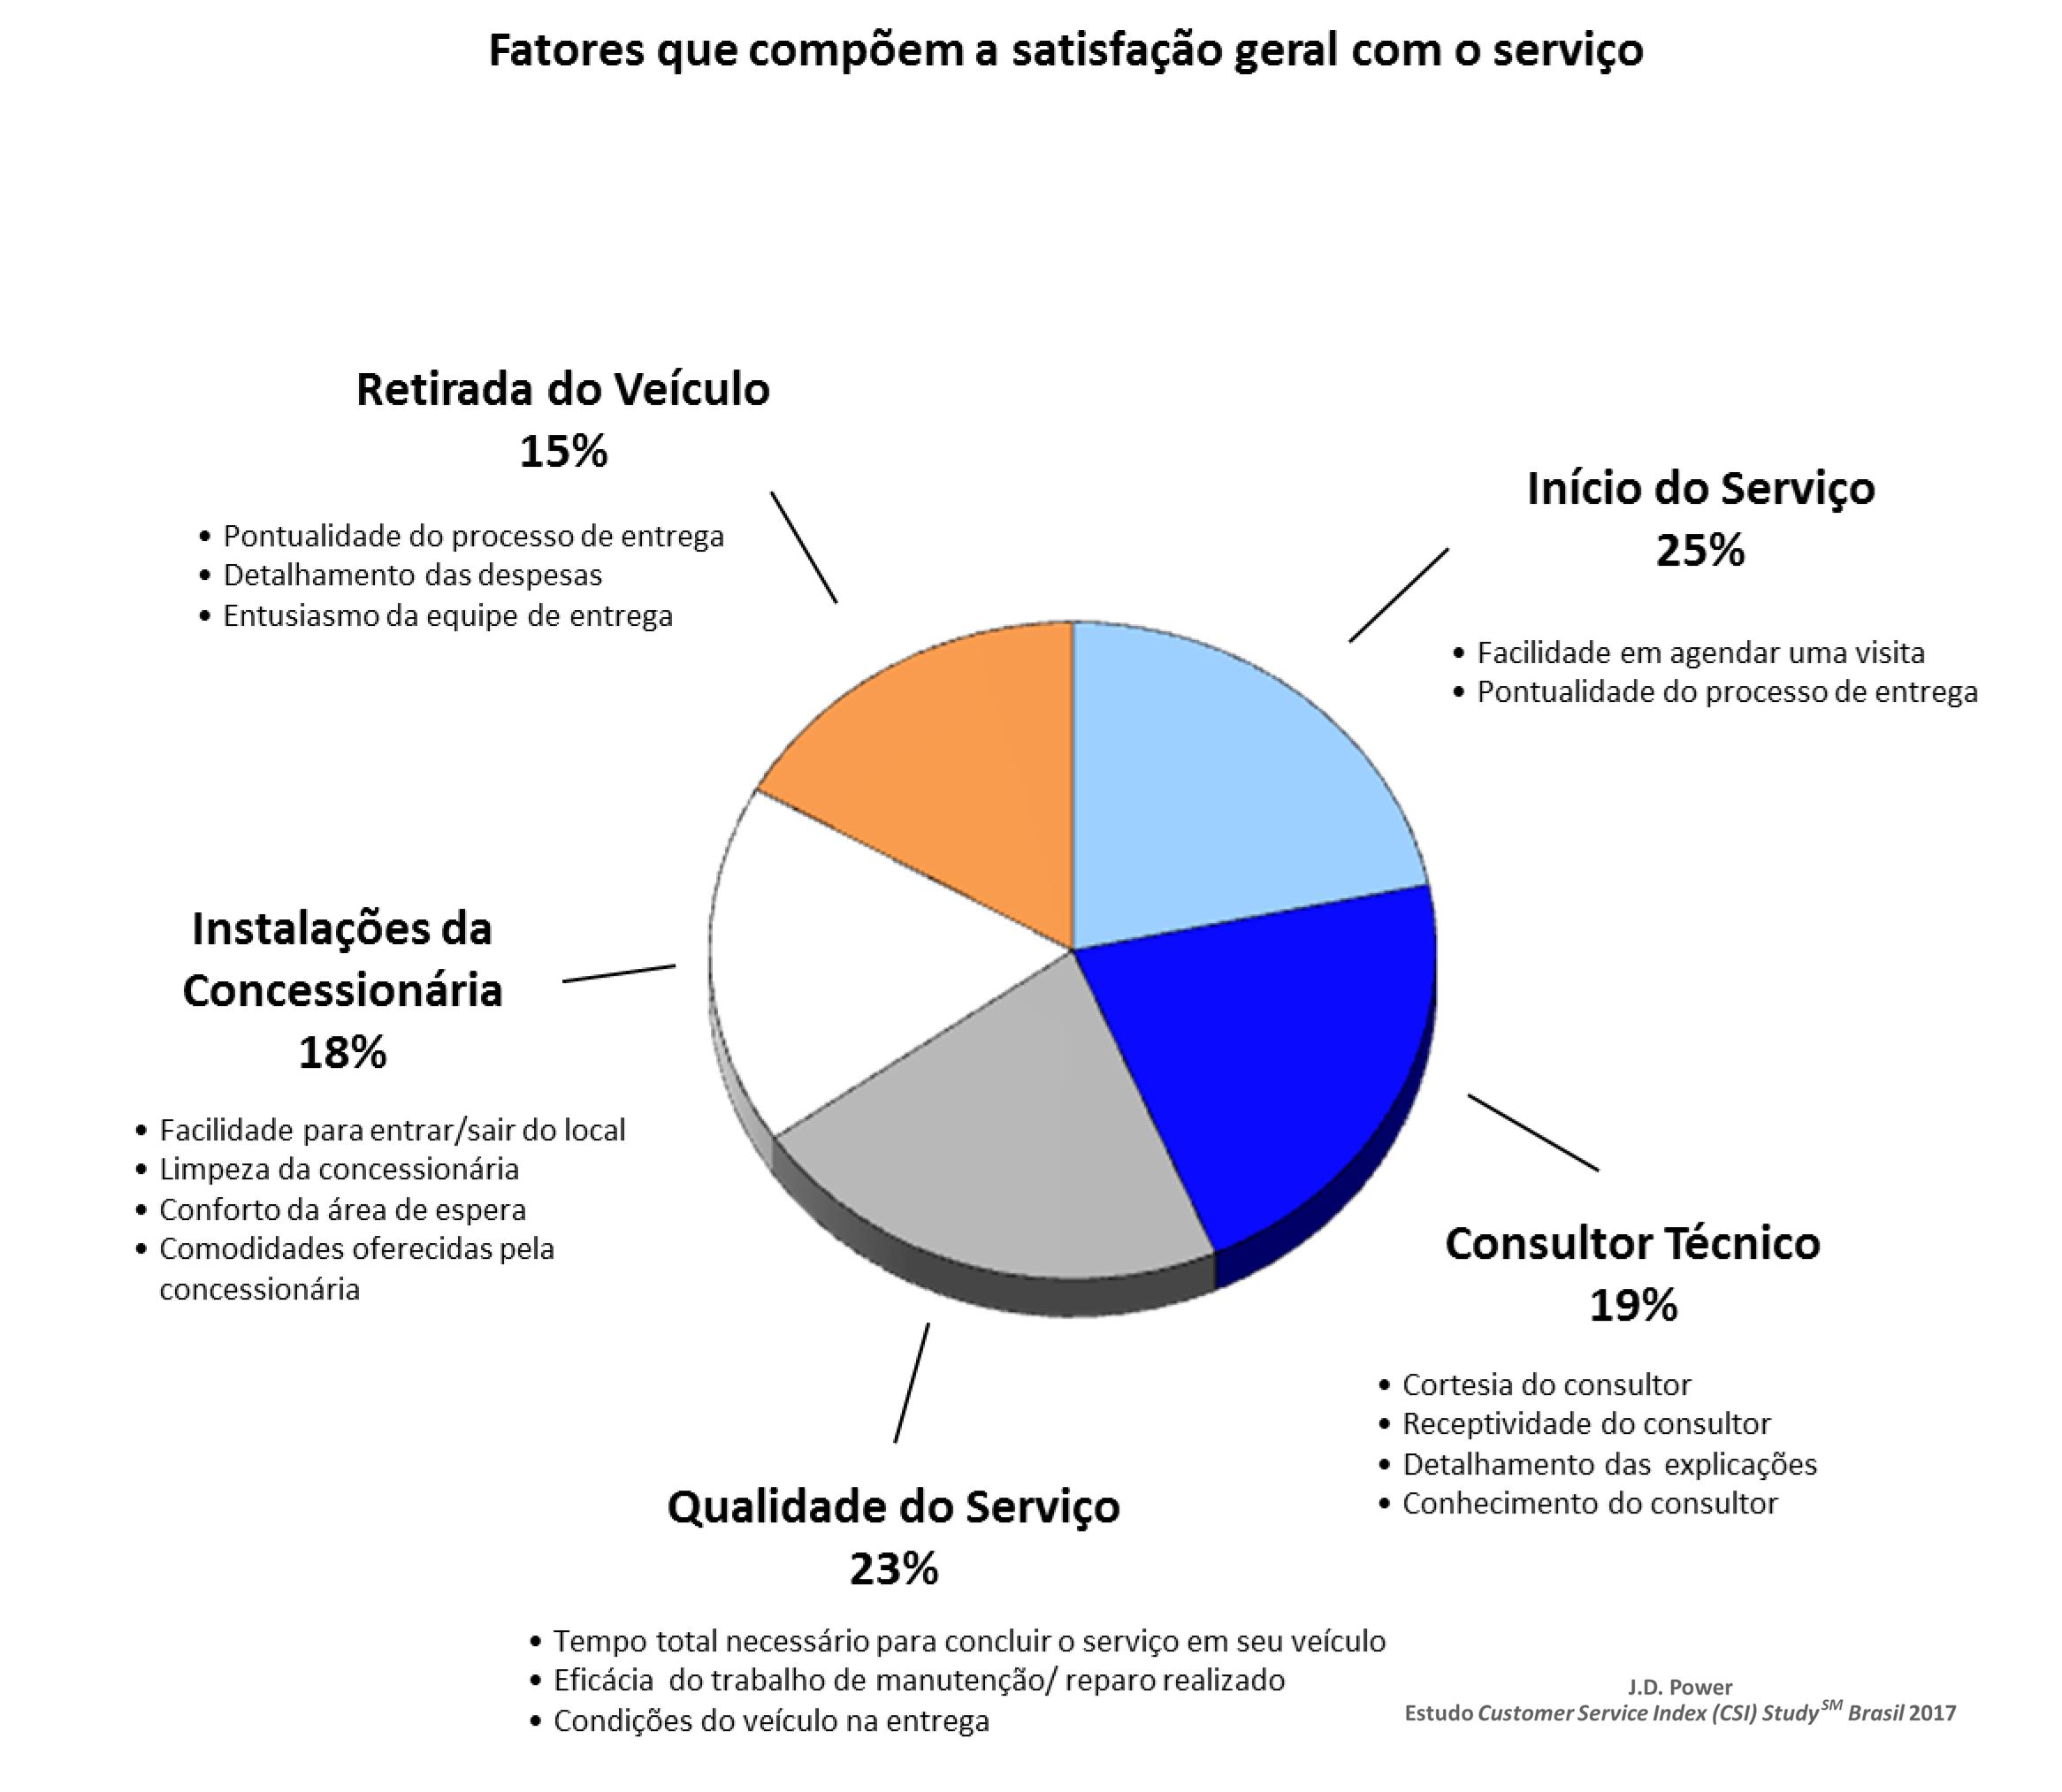 Fatores analisados no Customer Service Index Study de 2017; Hyundai-CAOA foi a campeã de satisfação no pós-venda